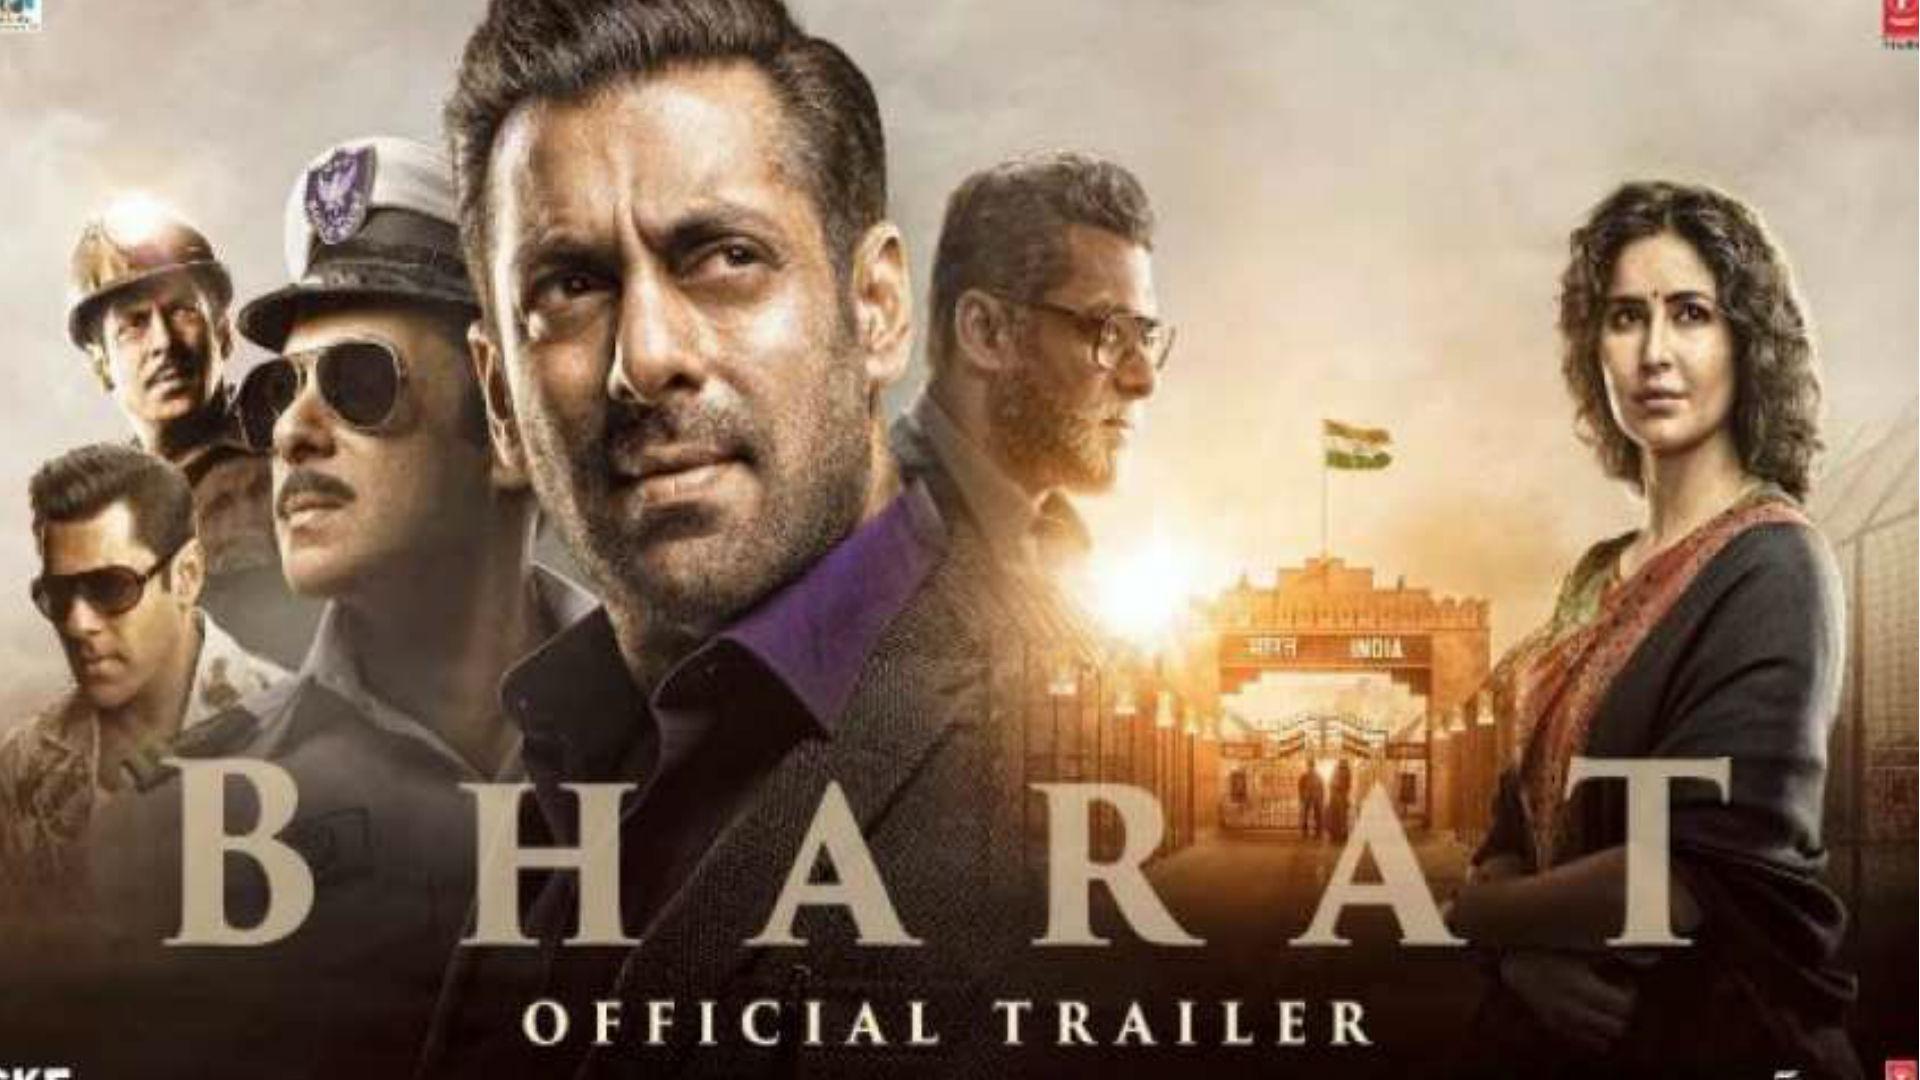 Bharat Movie Review : सलमान खान ने रखा भारत का मान, फ़ैन्स के मनोरंजन के लिए फूँक दी जान